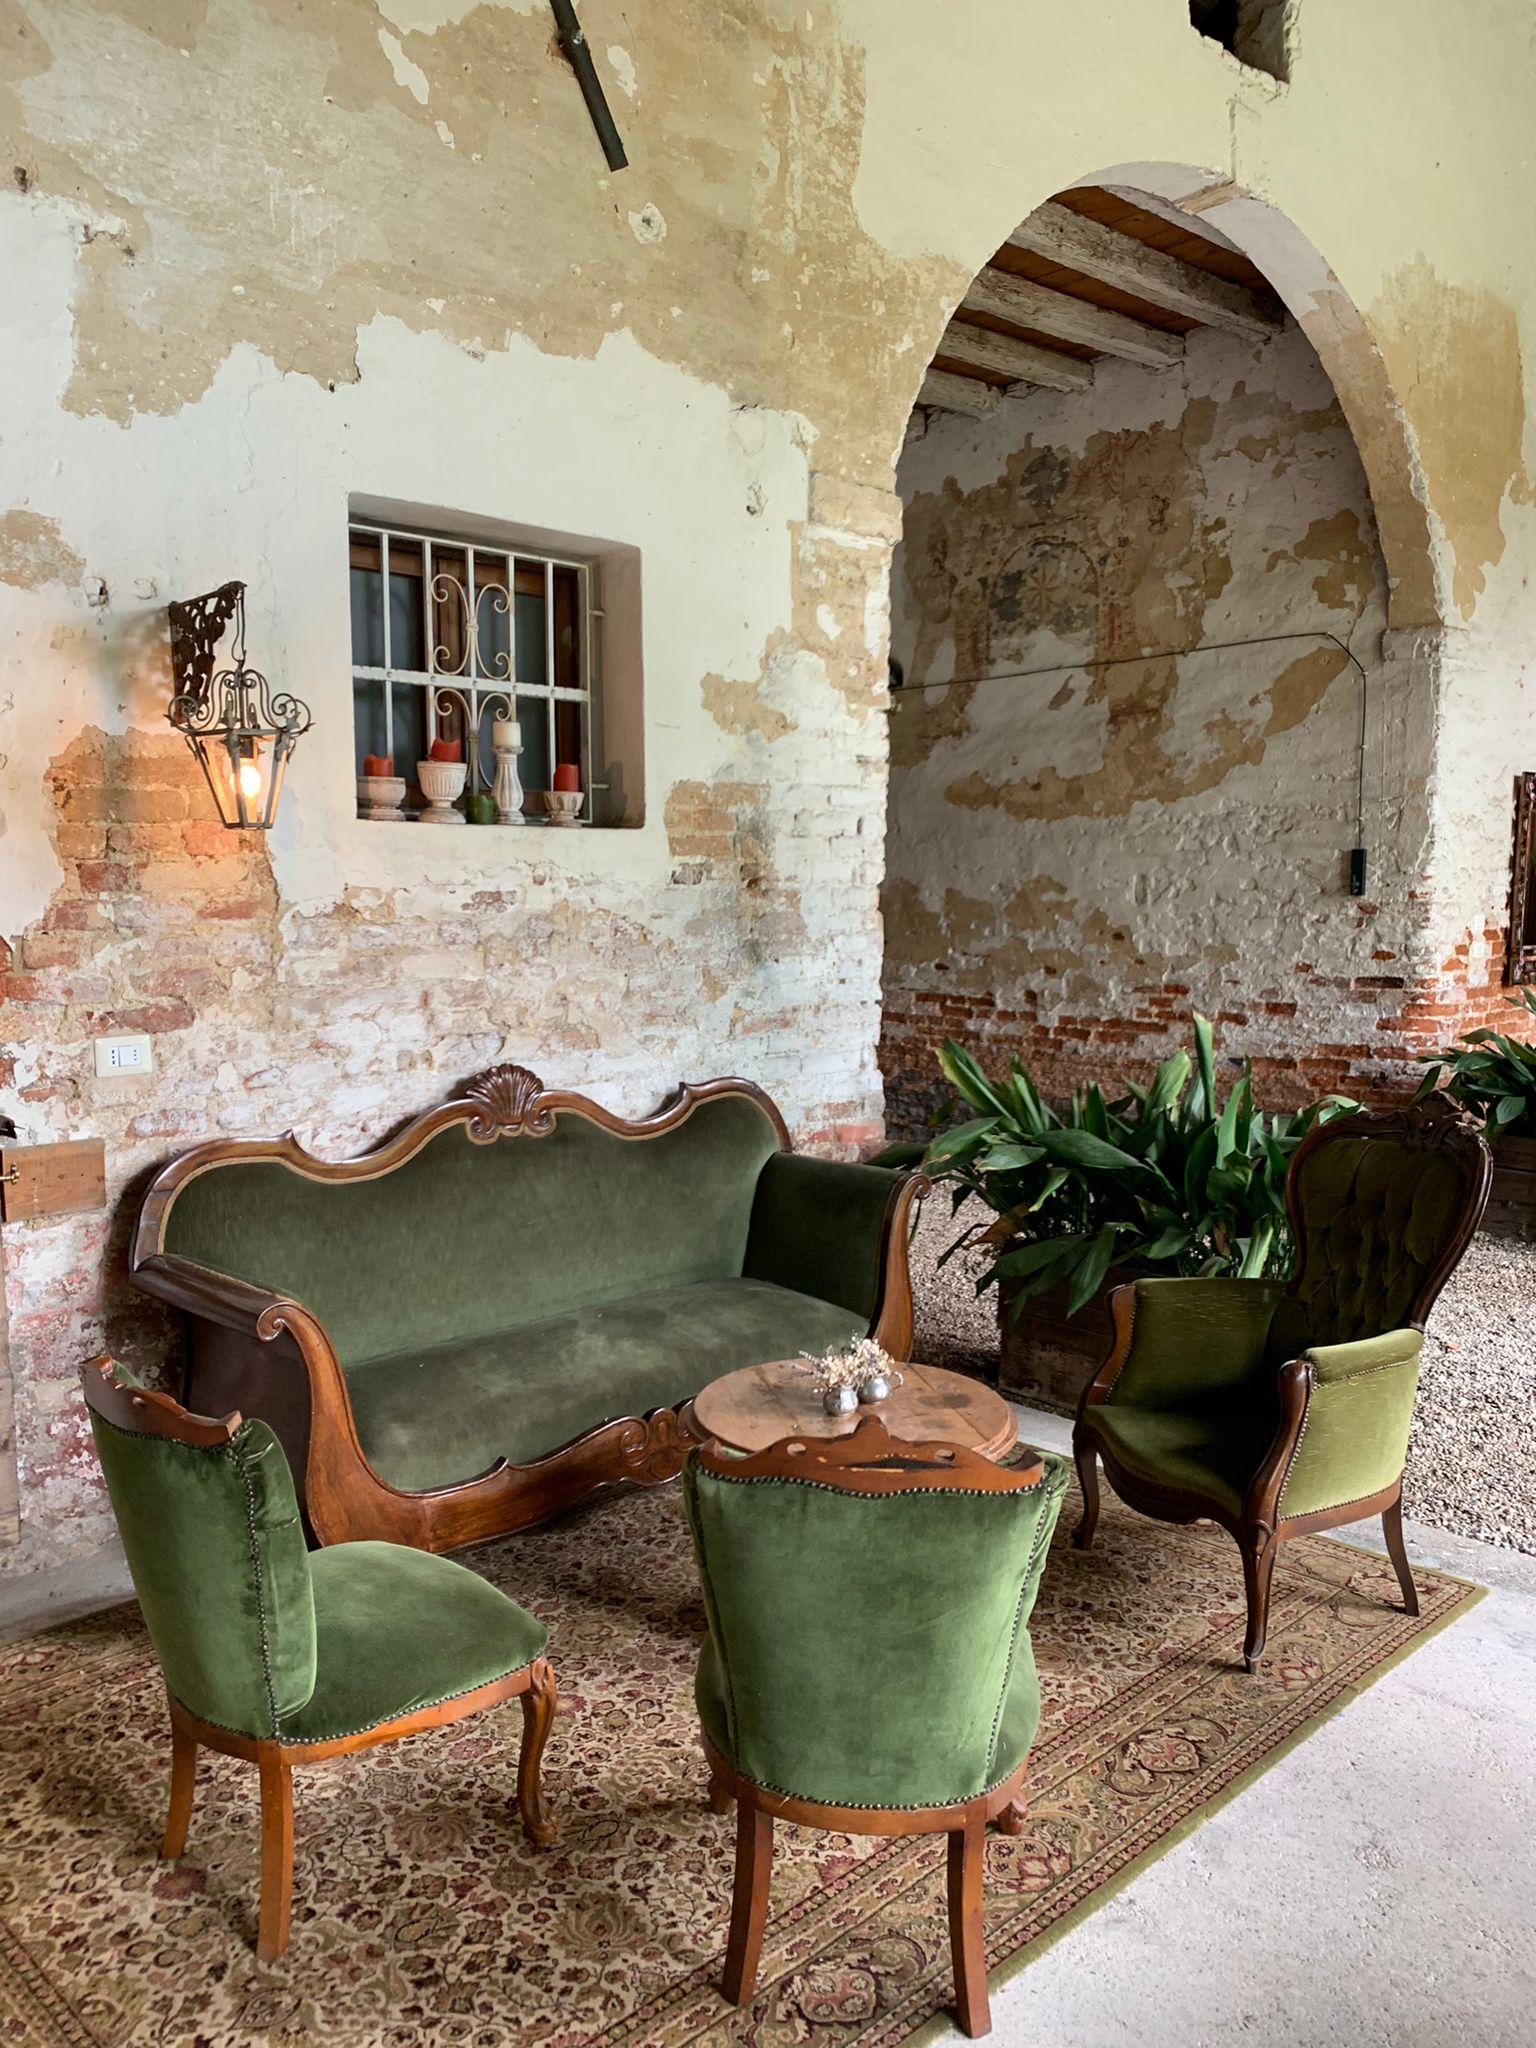 Un piccolo salotto verde, fatto apposta per il relax e le chiacchiere all'interno del Casale nel Glamping Canonici di San Marco